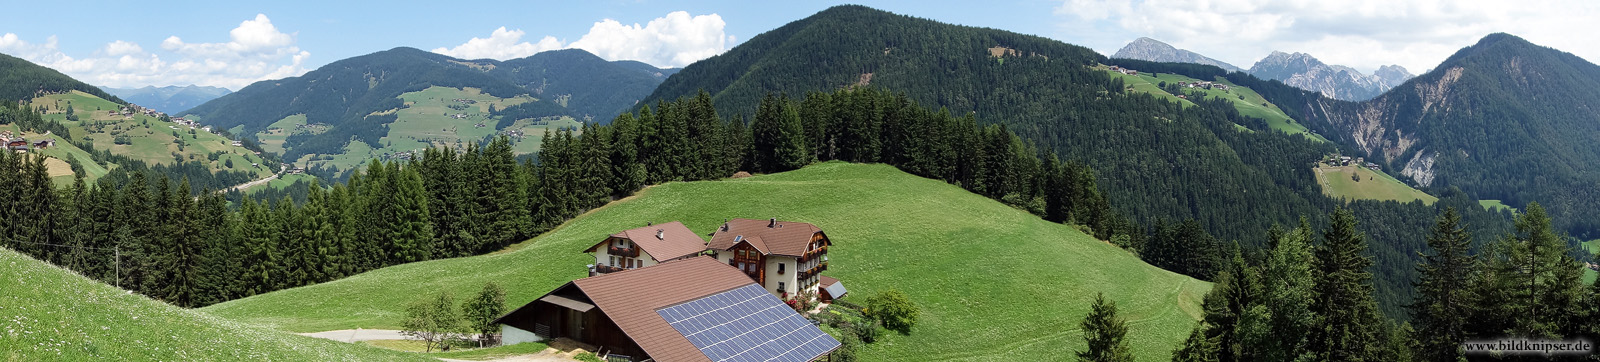 Panorama des Bauernhof